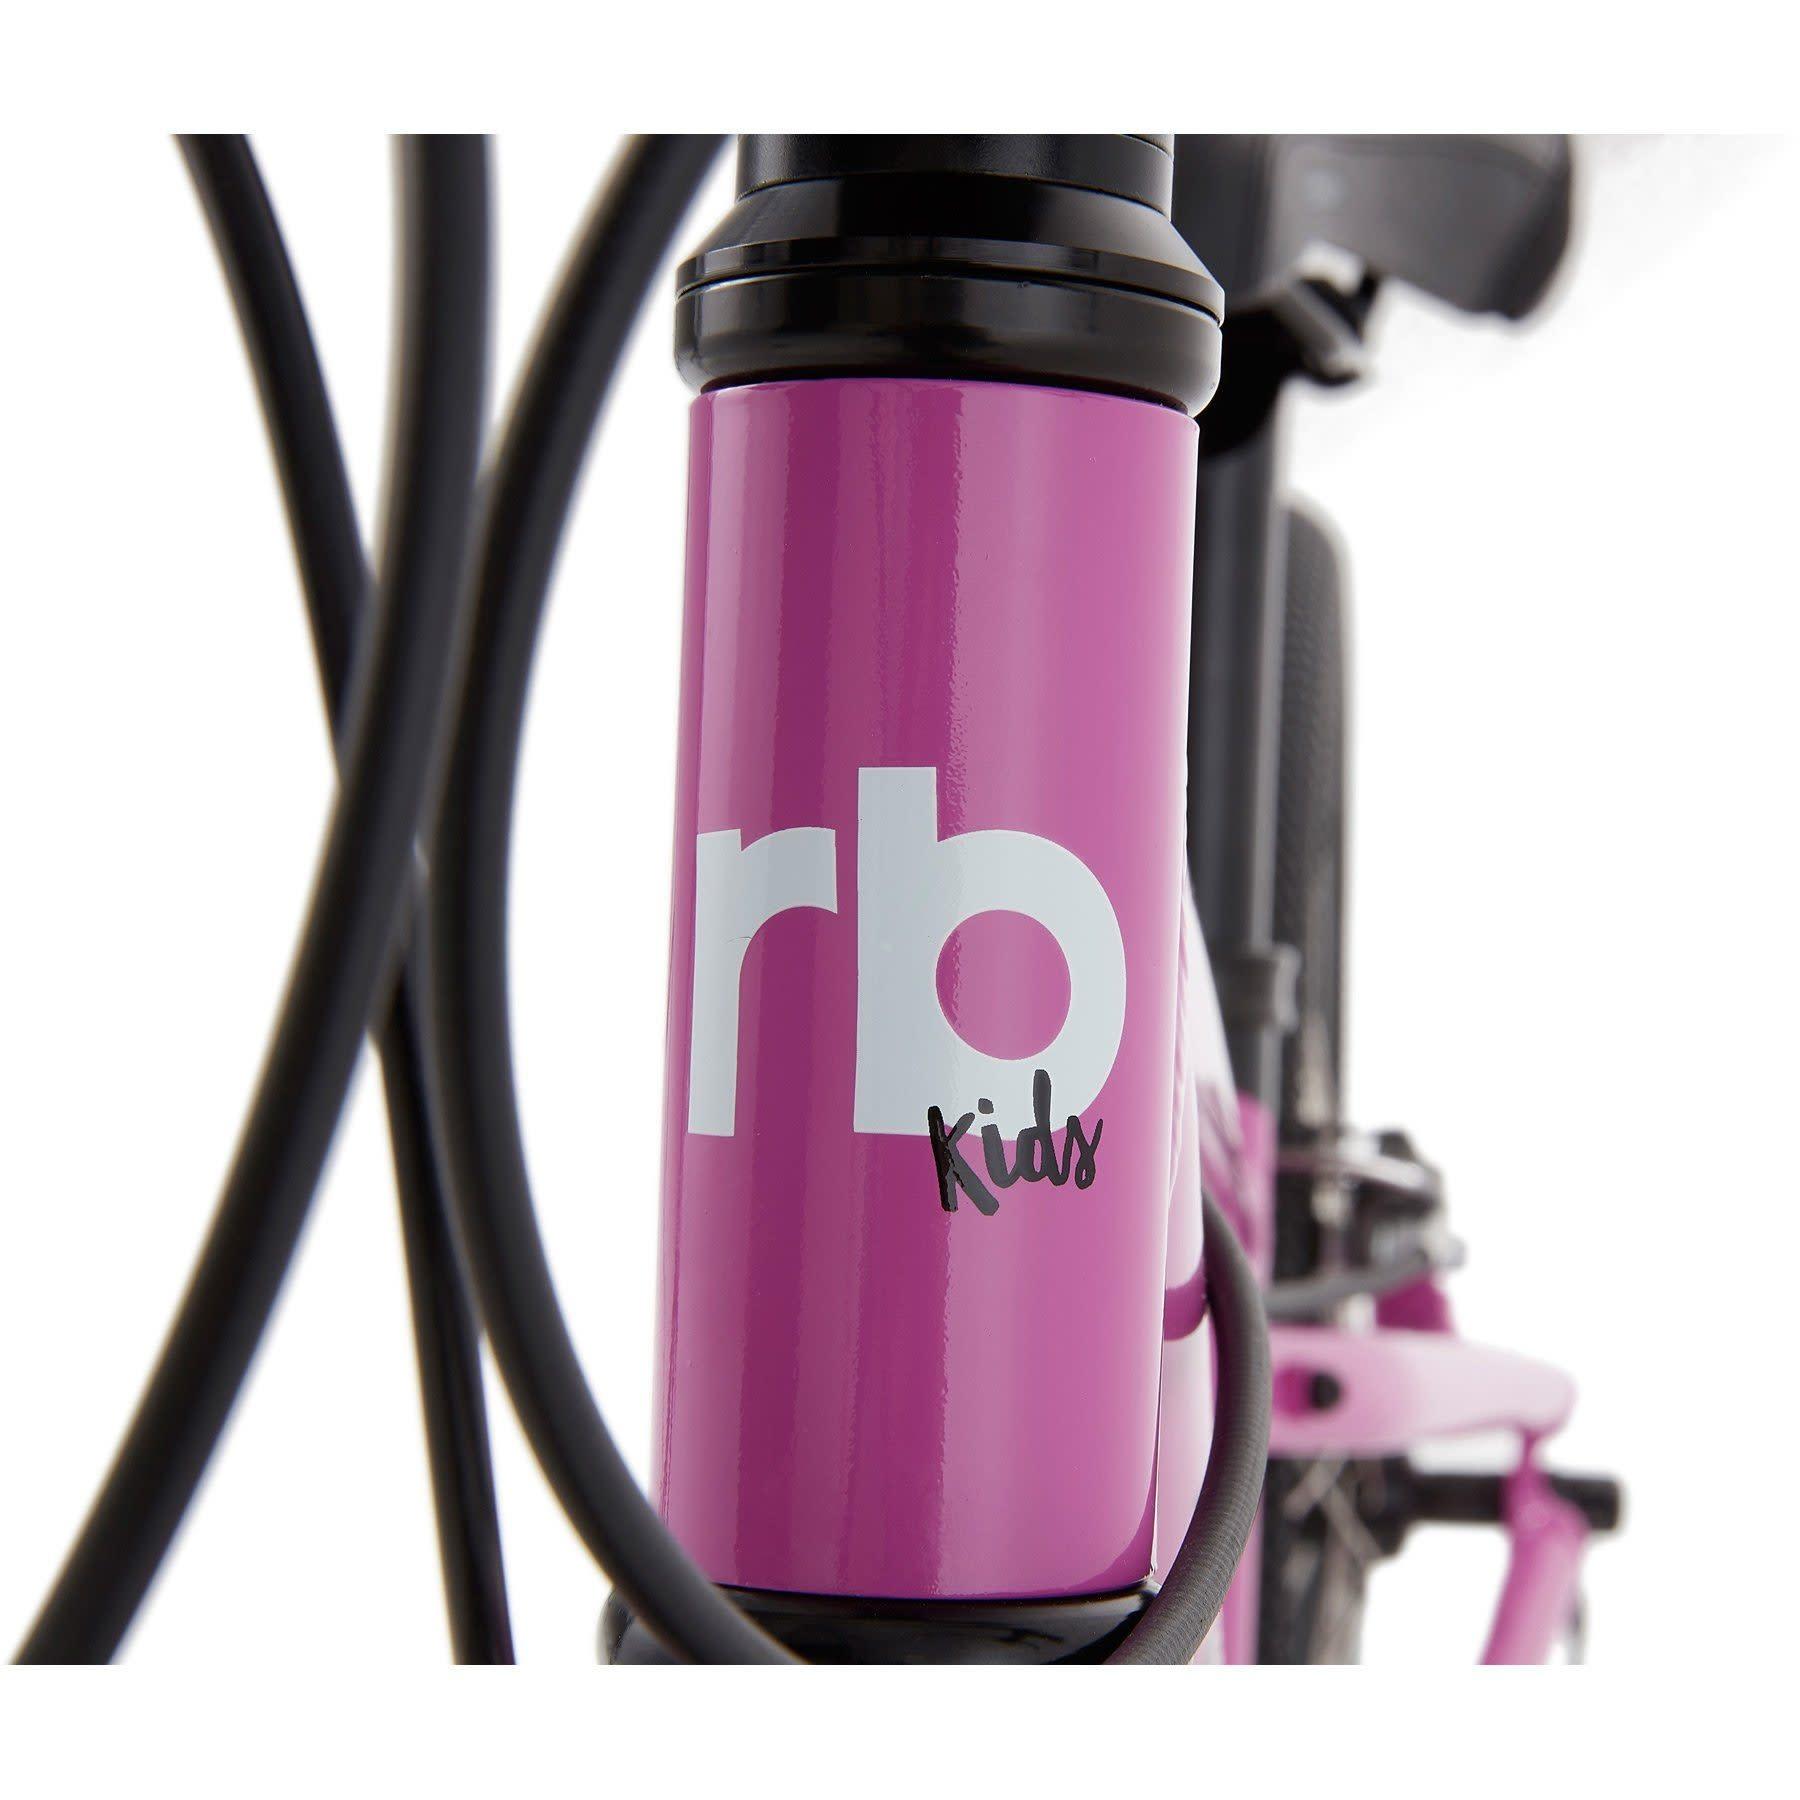 Ridgeback RIDGEBACK DIMENSION 20W 2020 PURPLE NEW